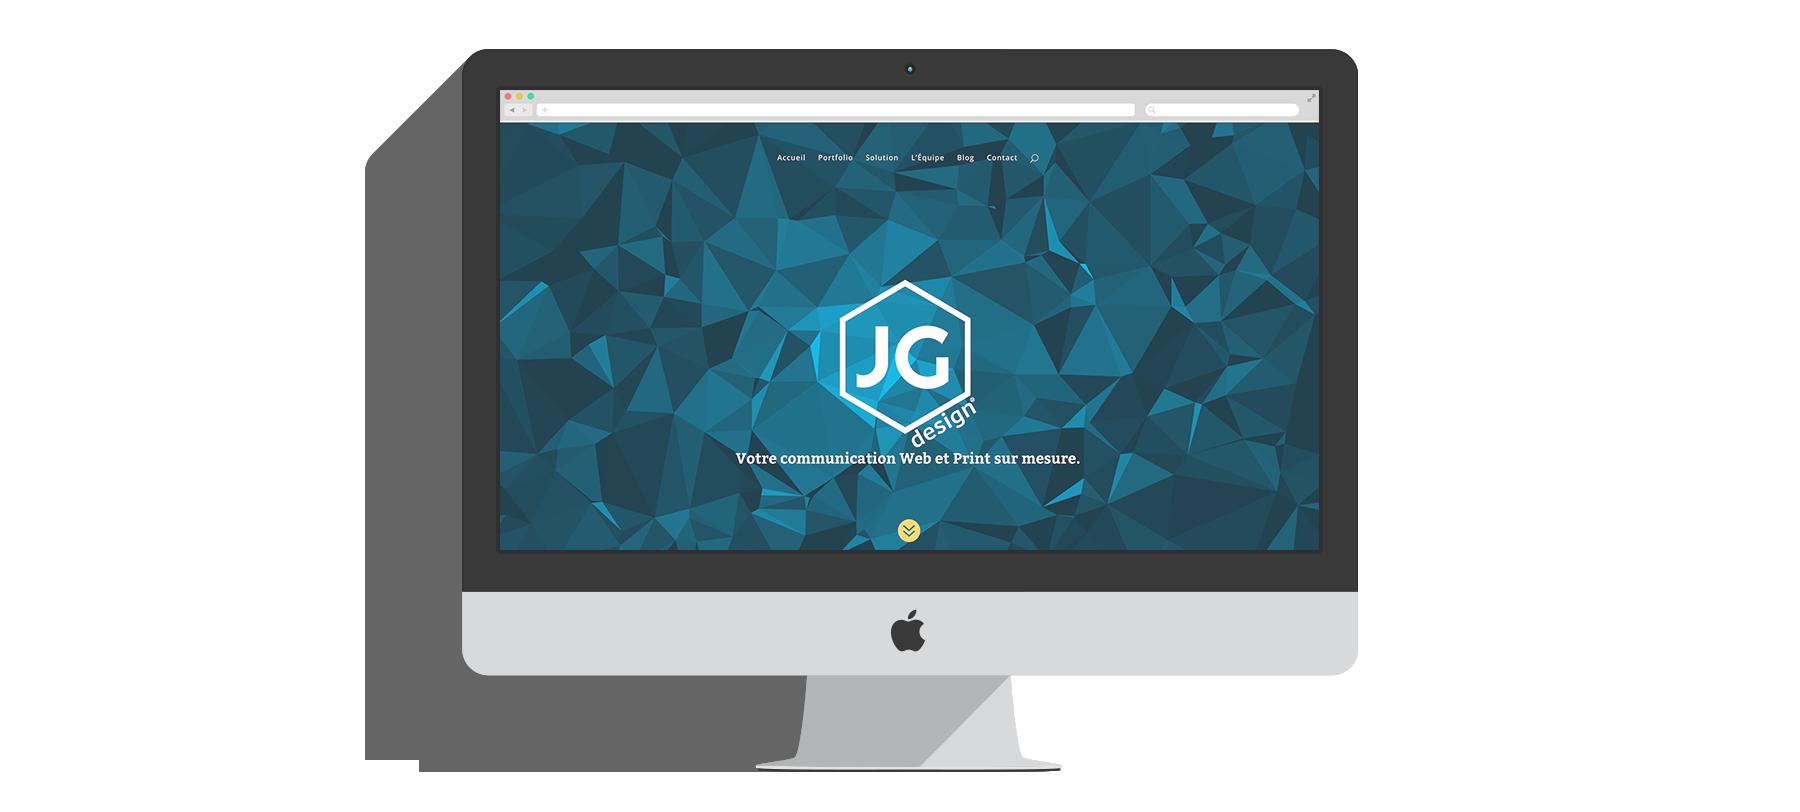 imac-JG-design